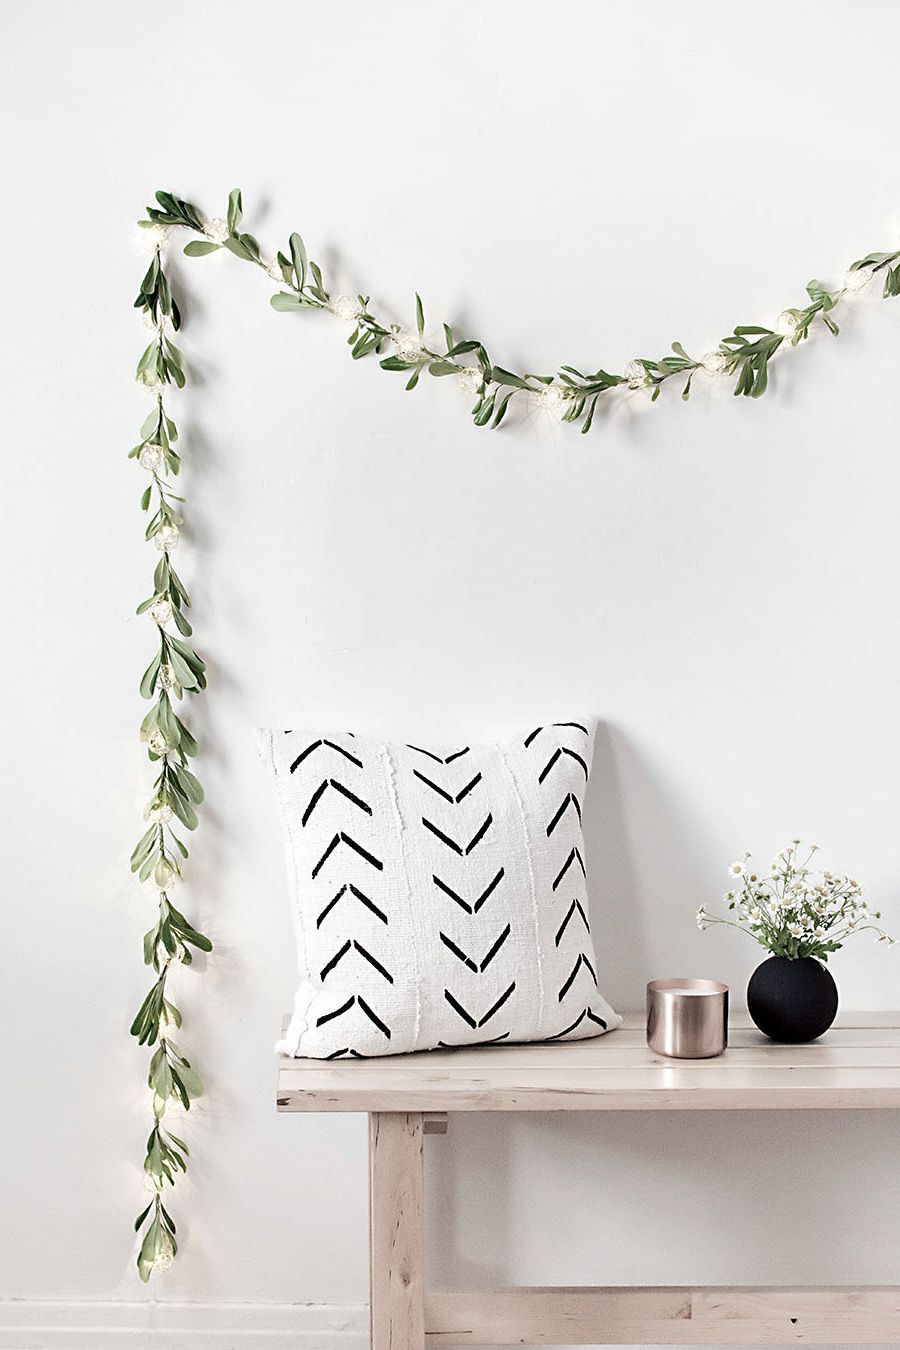 53 Minimalistische DIY Deko Ideen für moderne Wohnzimmer | Handmade ...